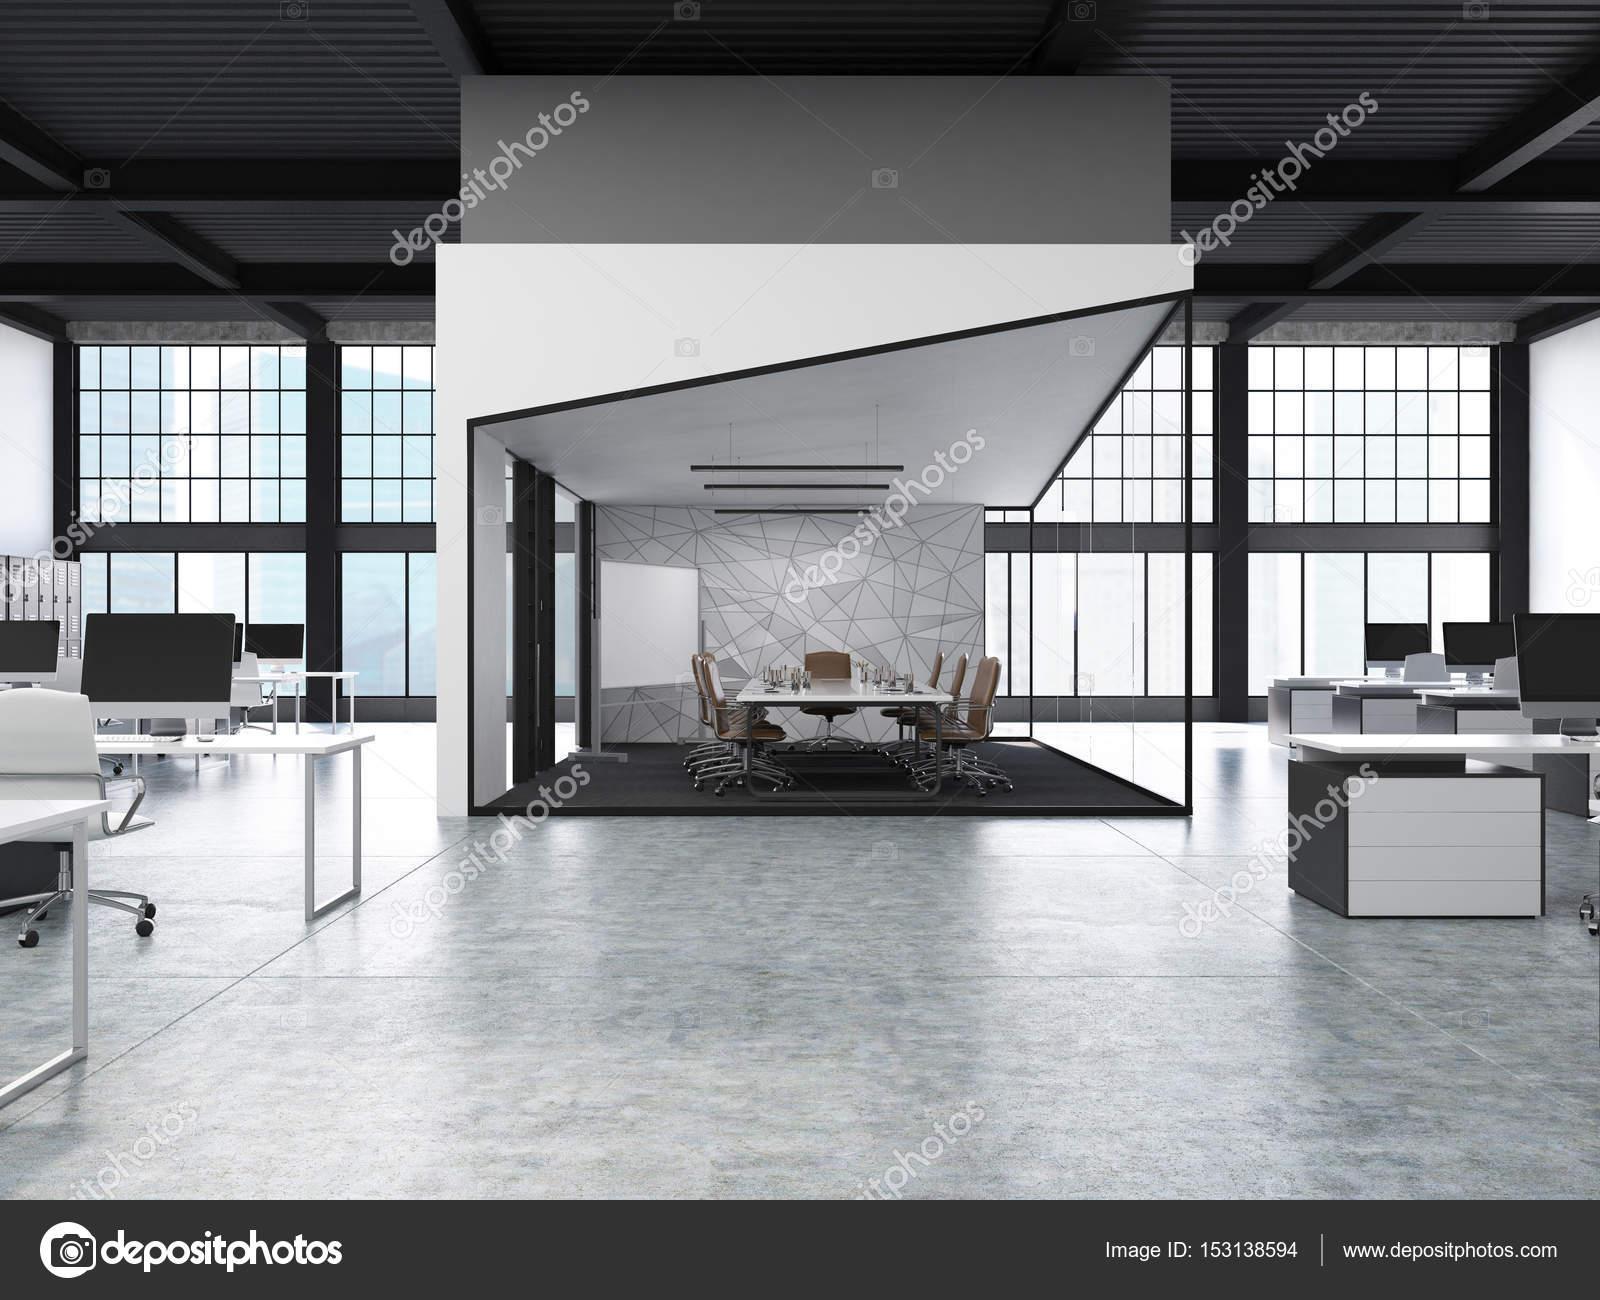 Frontansicht Des Innenraumes Großraumbüro Mit Reihen Von  Computer Schreibtische Und Ein Aquarium Mit Einem Konferenzraum In Der  Mitte.